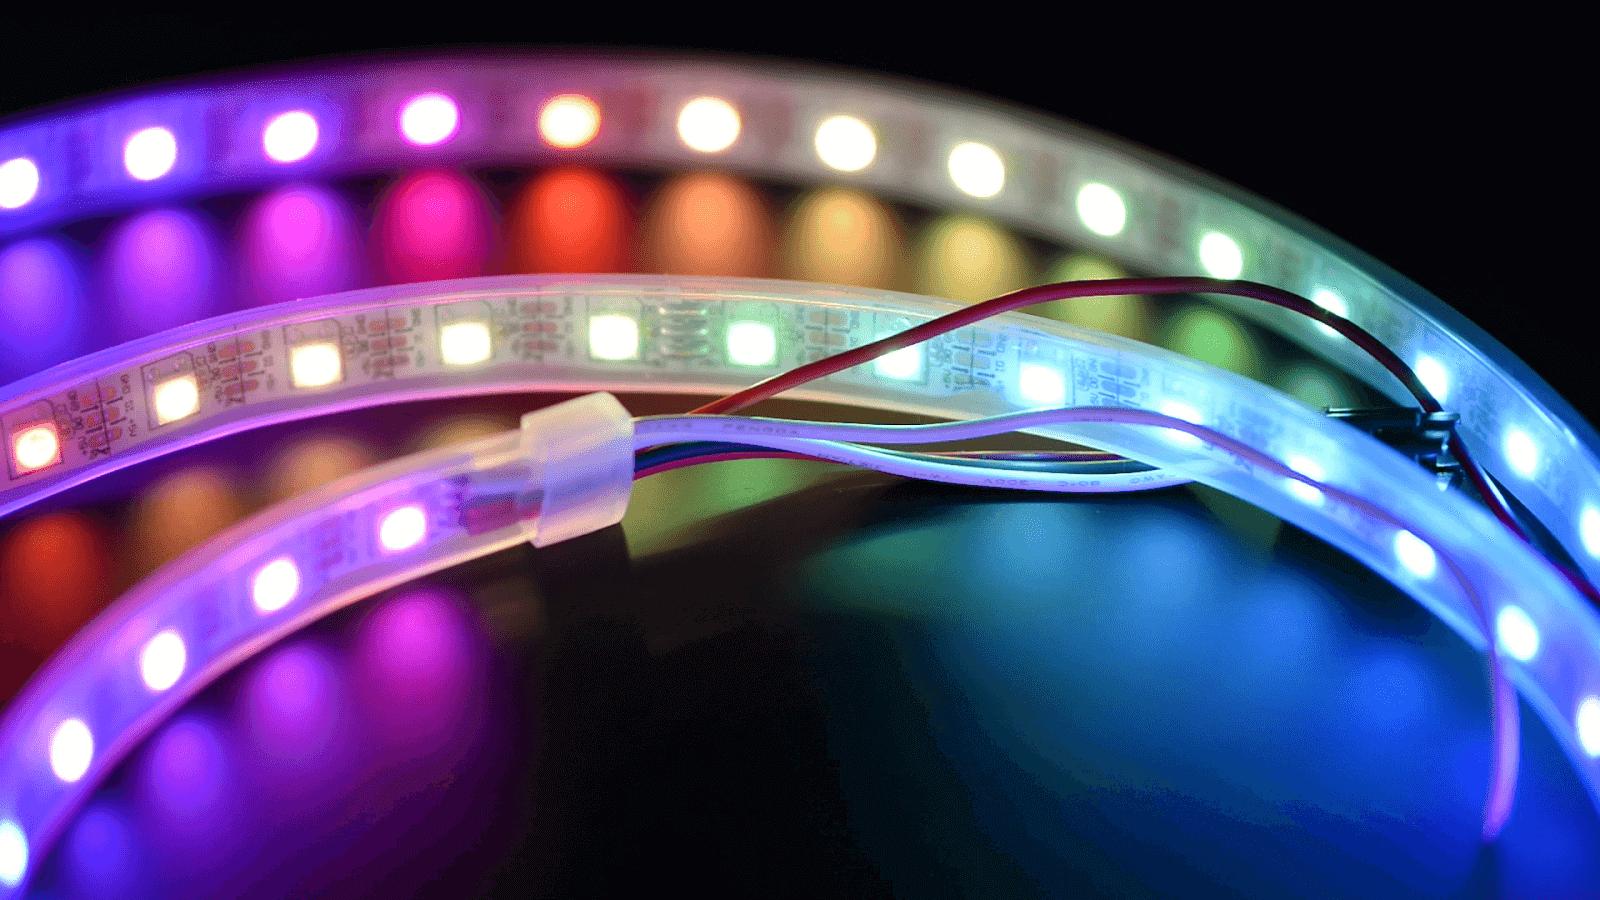 RGB LED tape light uses